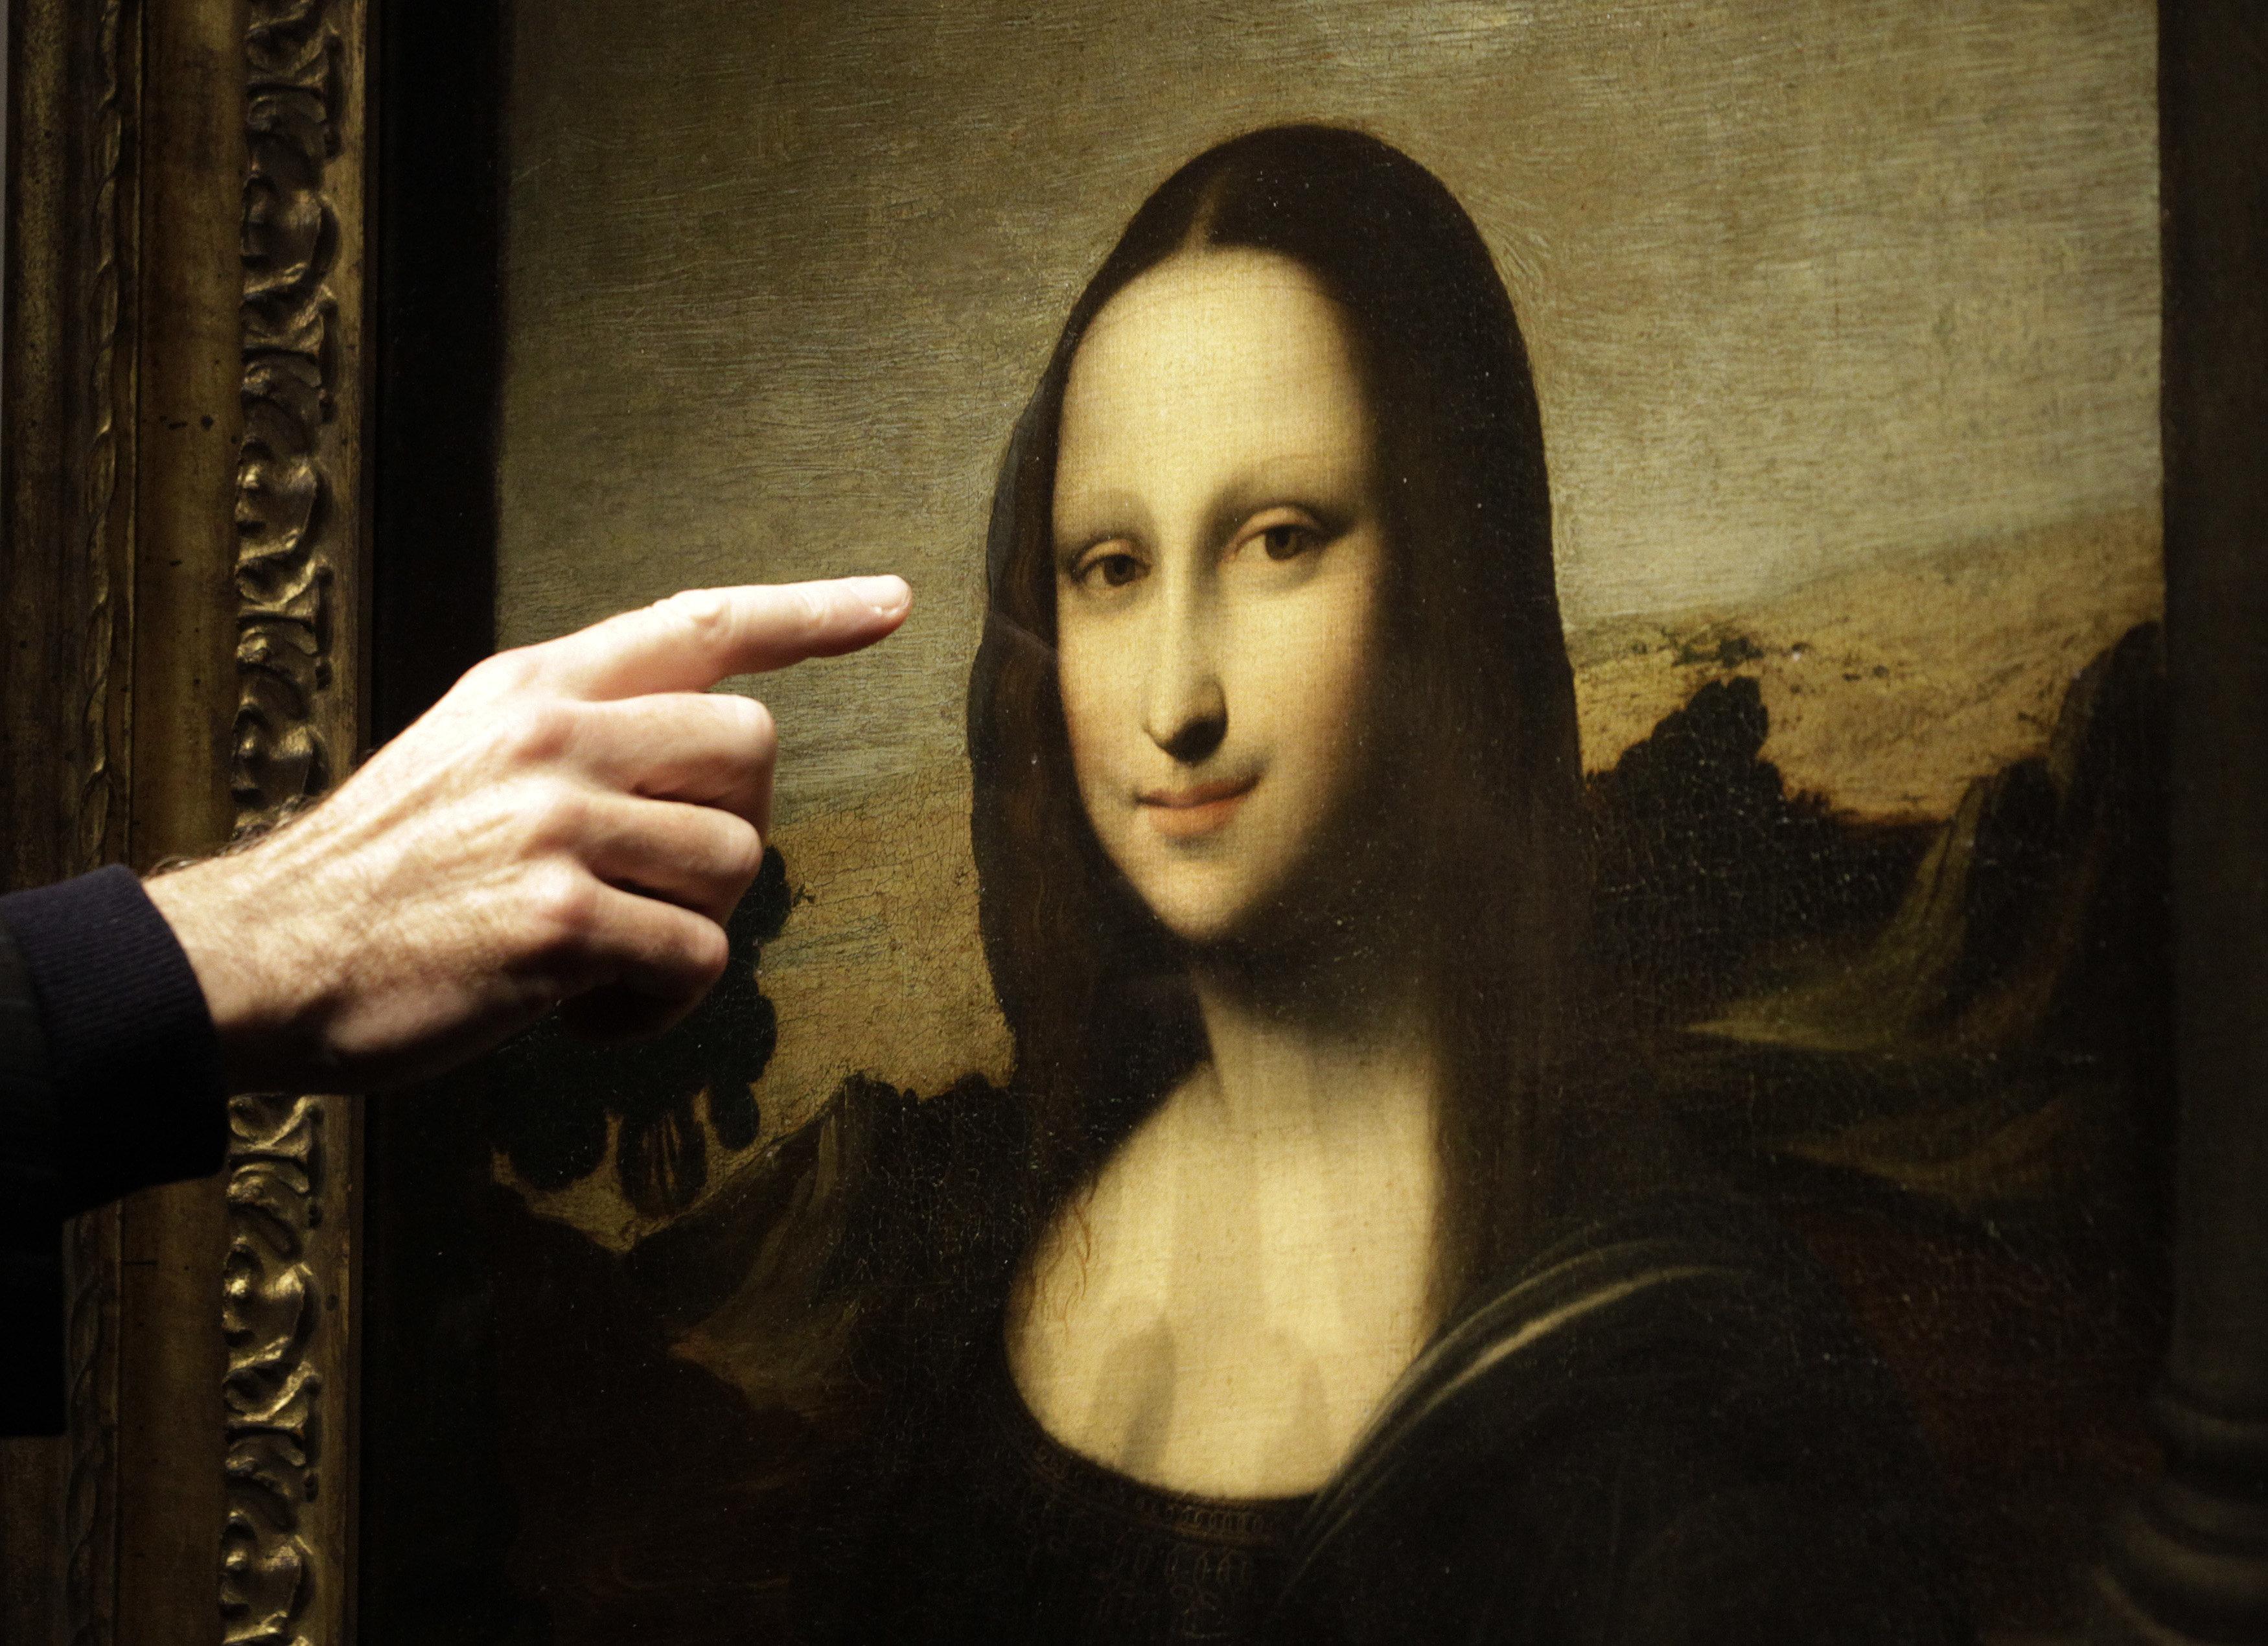 Μήπως αυτό που έκανε μεγάλο ζωγράφο τον Λεονάρντο Ντα Βίντσι οφείλεται στην προβληματική του όραση;